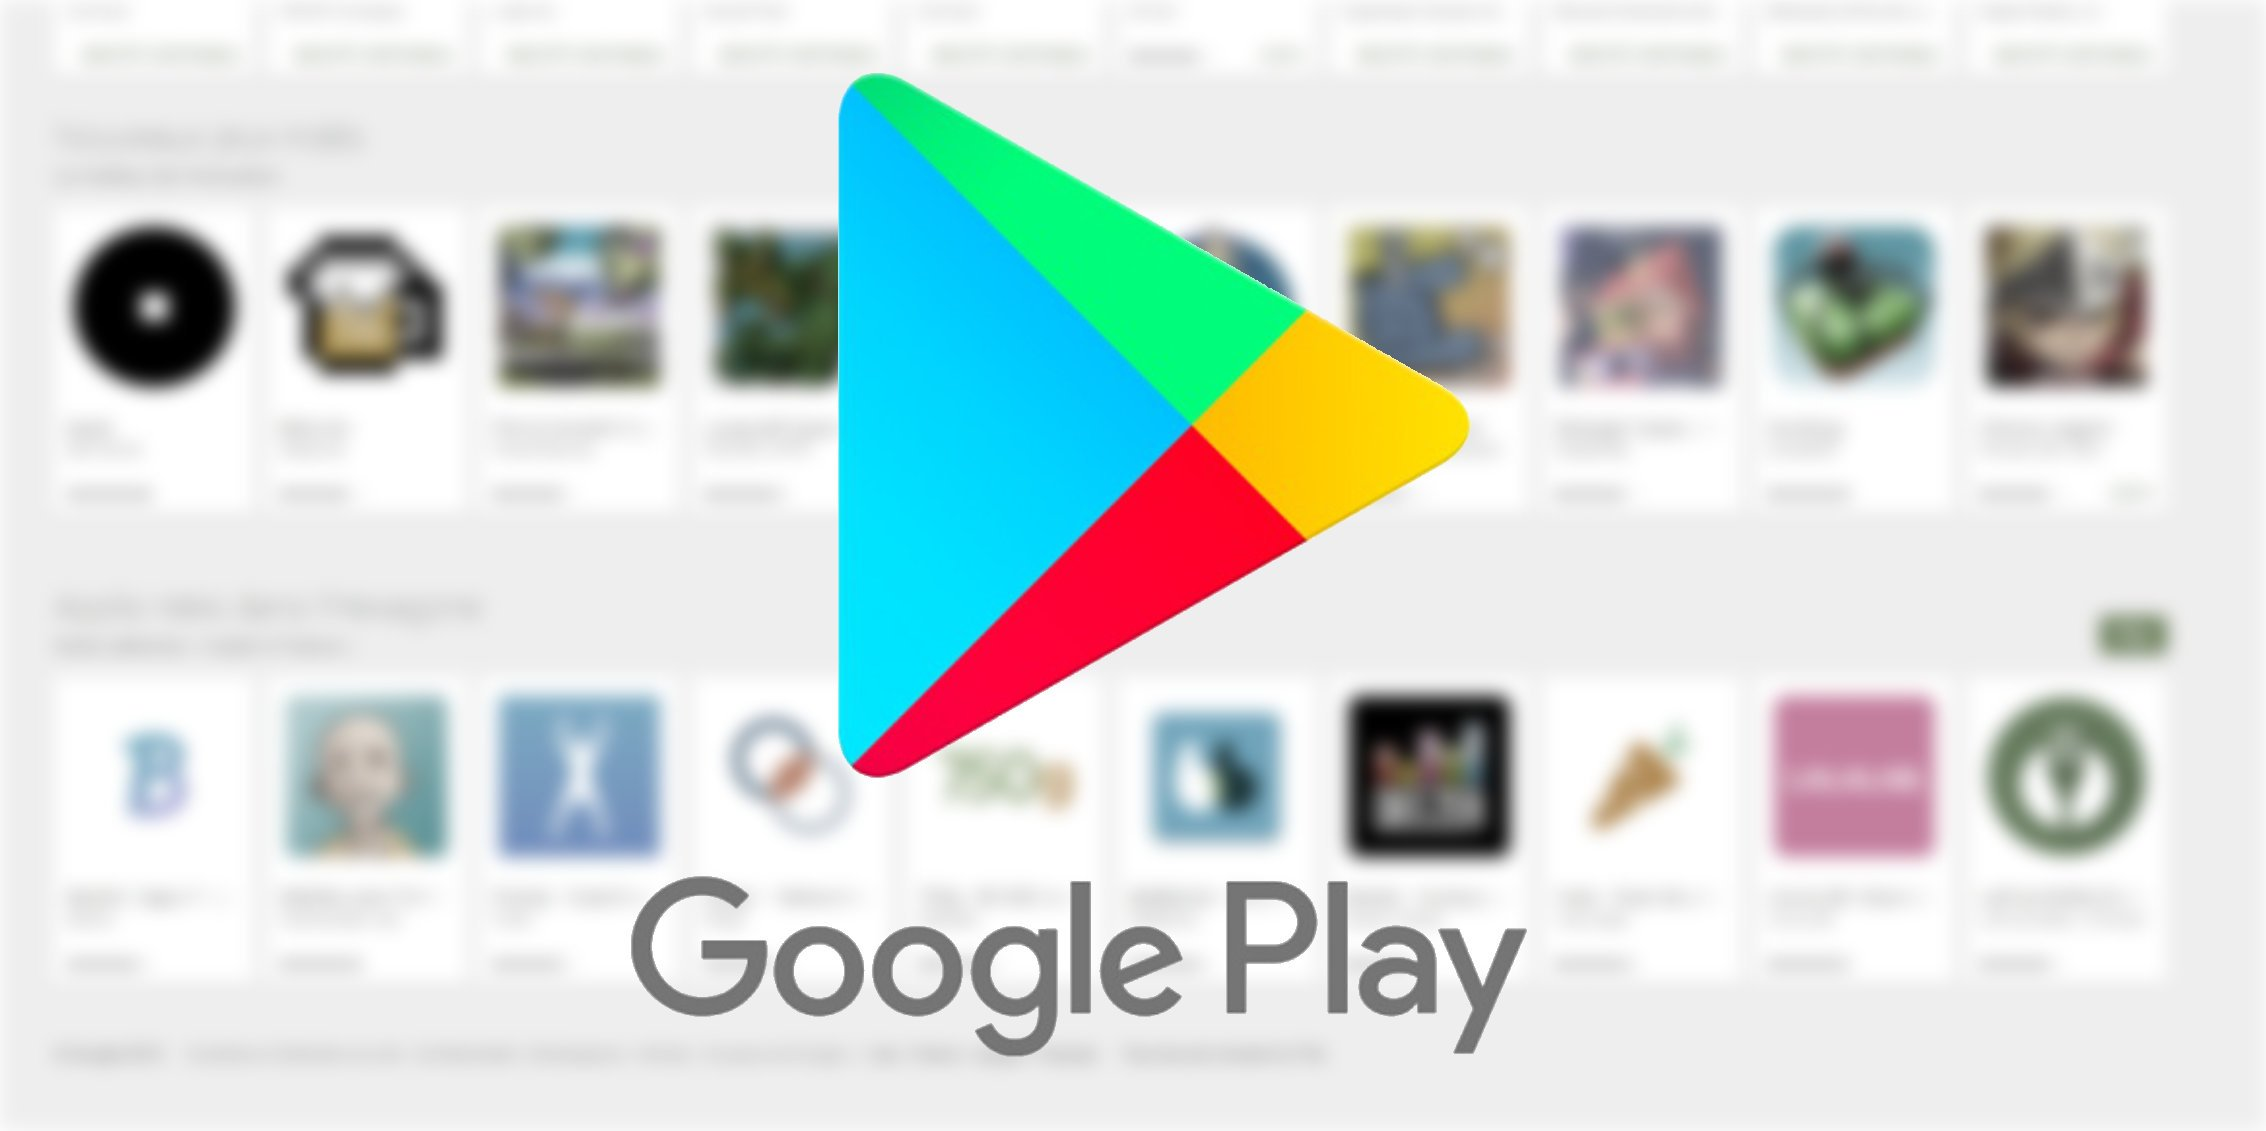 Télécharger le Google Play Store : comment installer l'APK de la